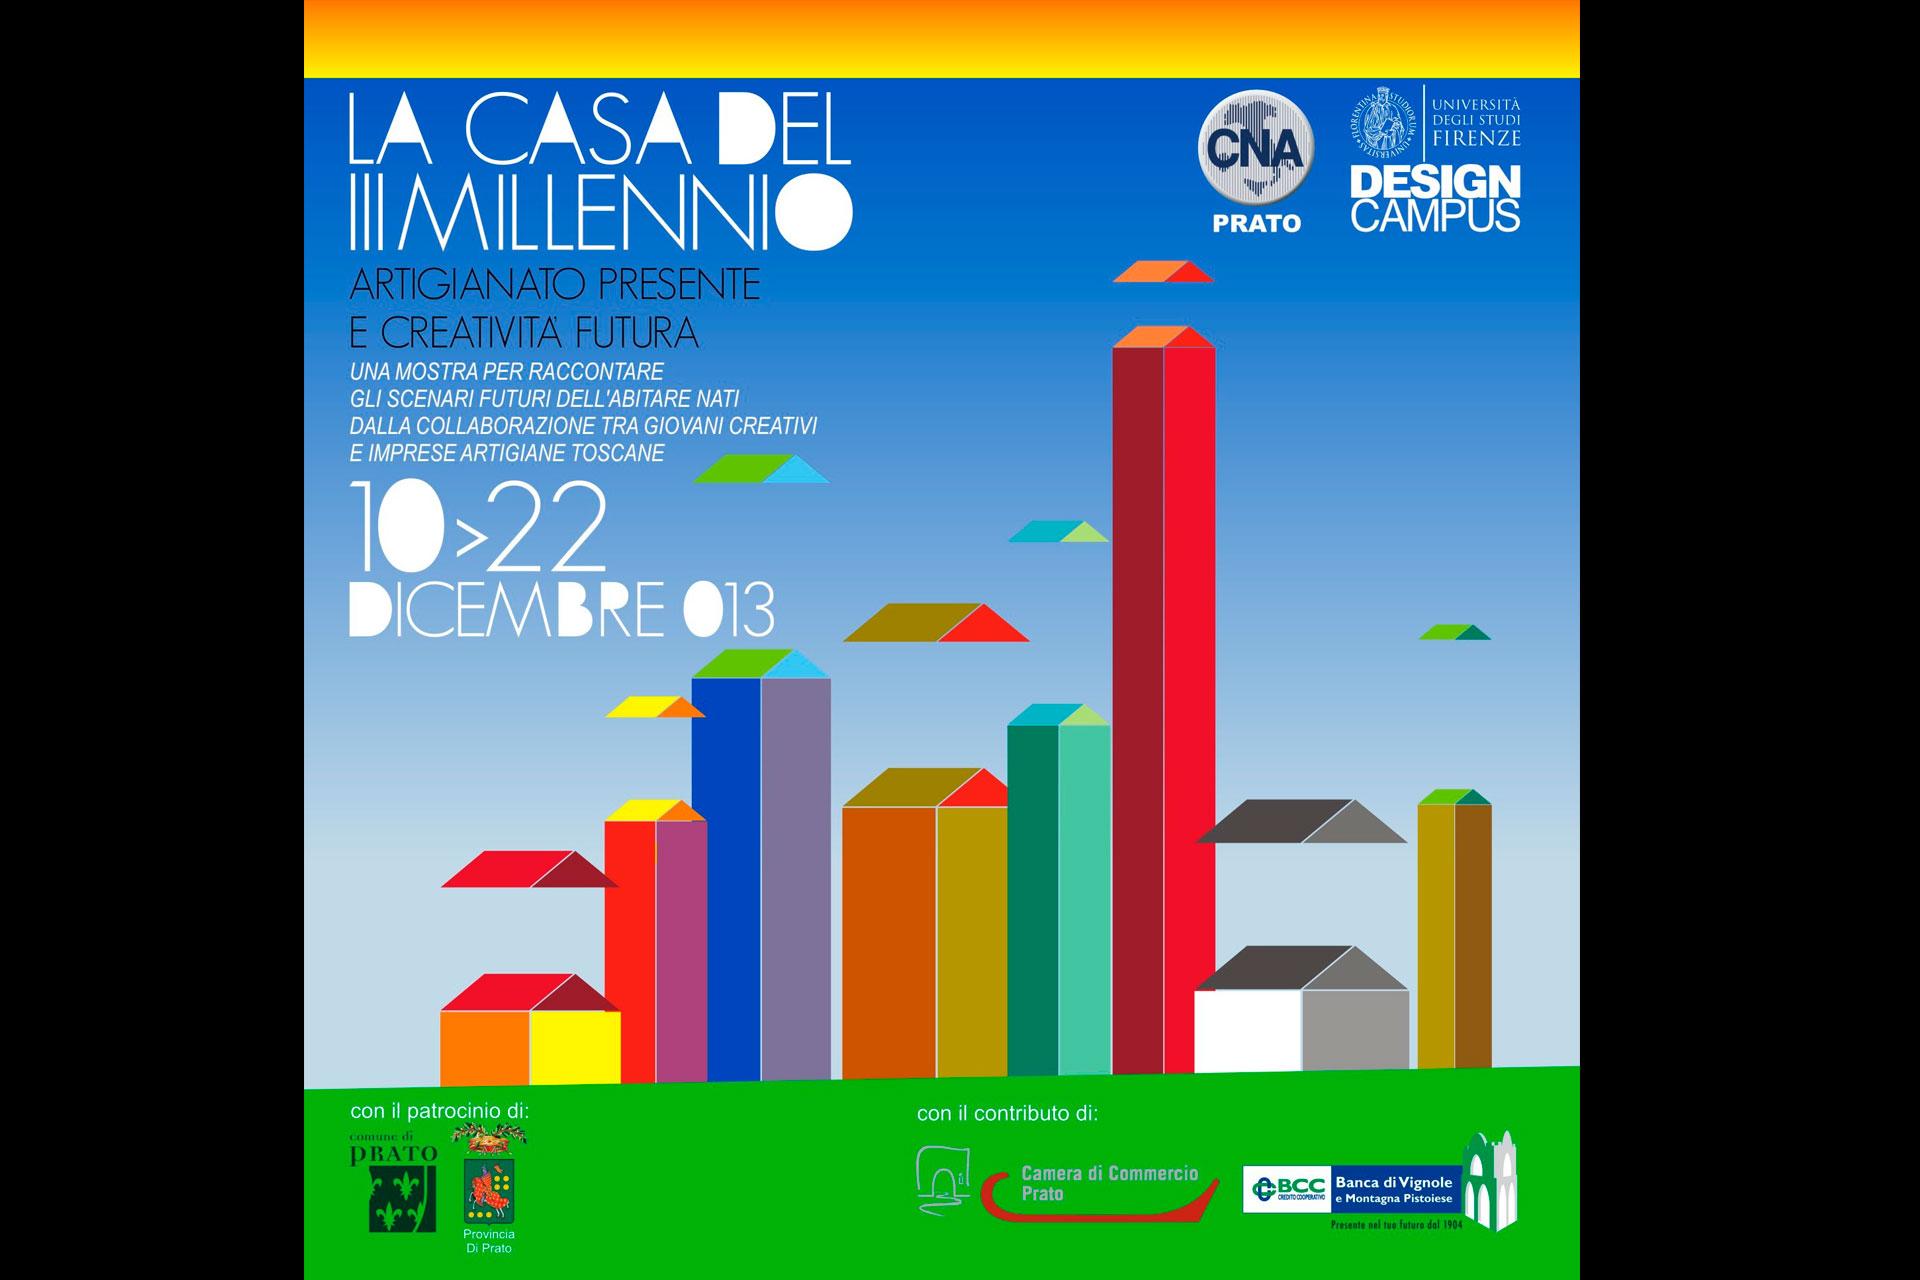 Casa del III Millennio - 2013